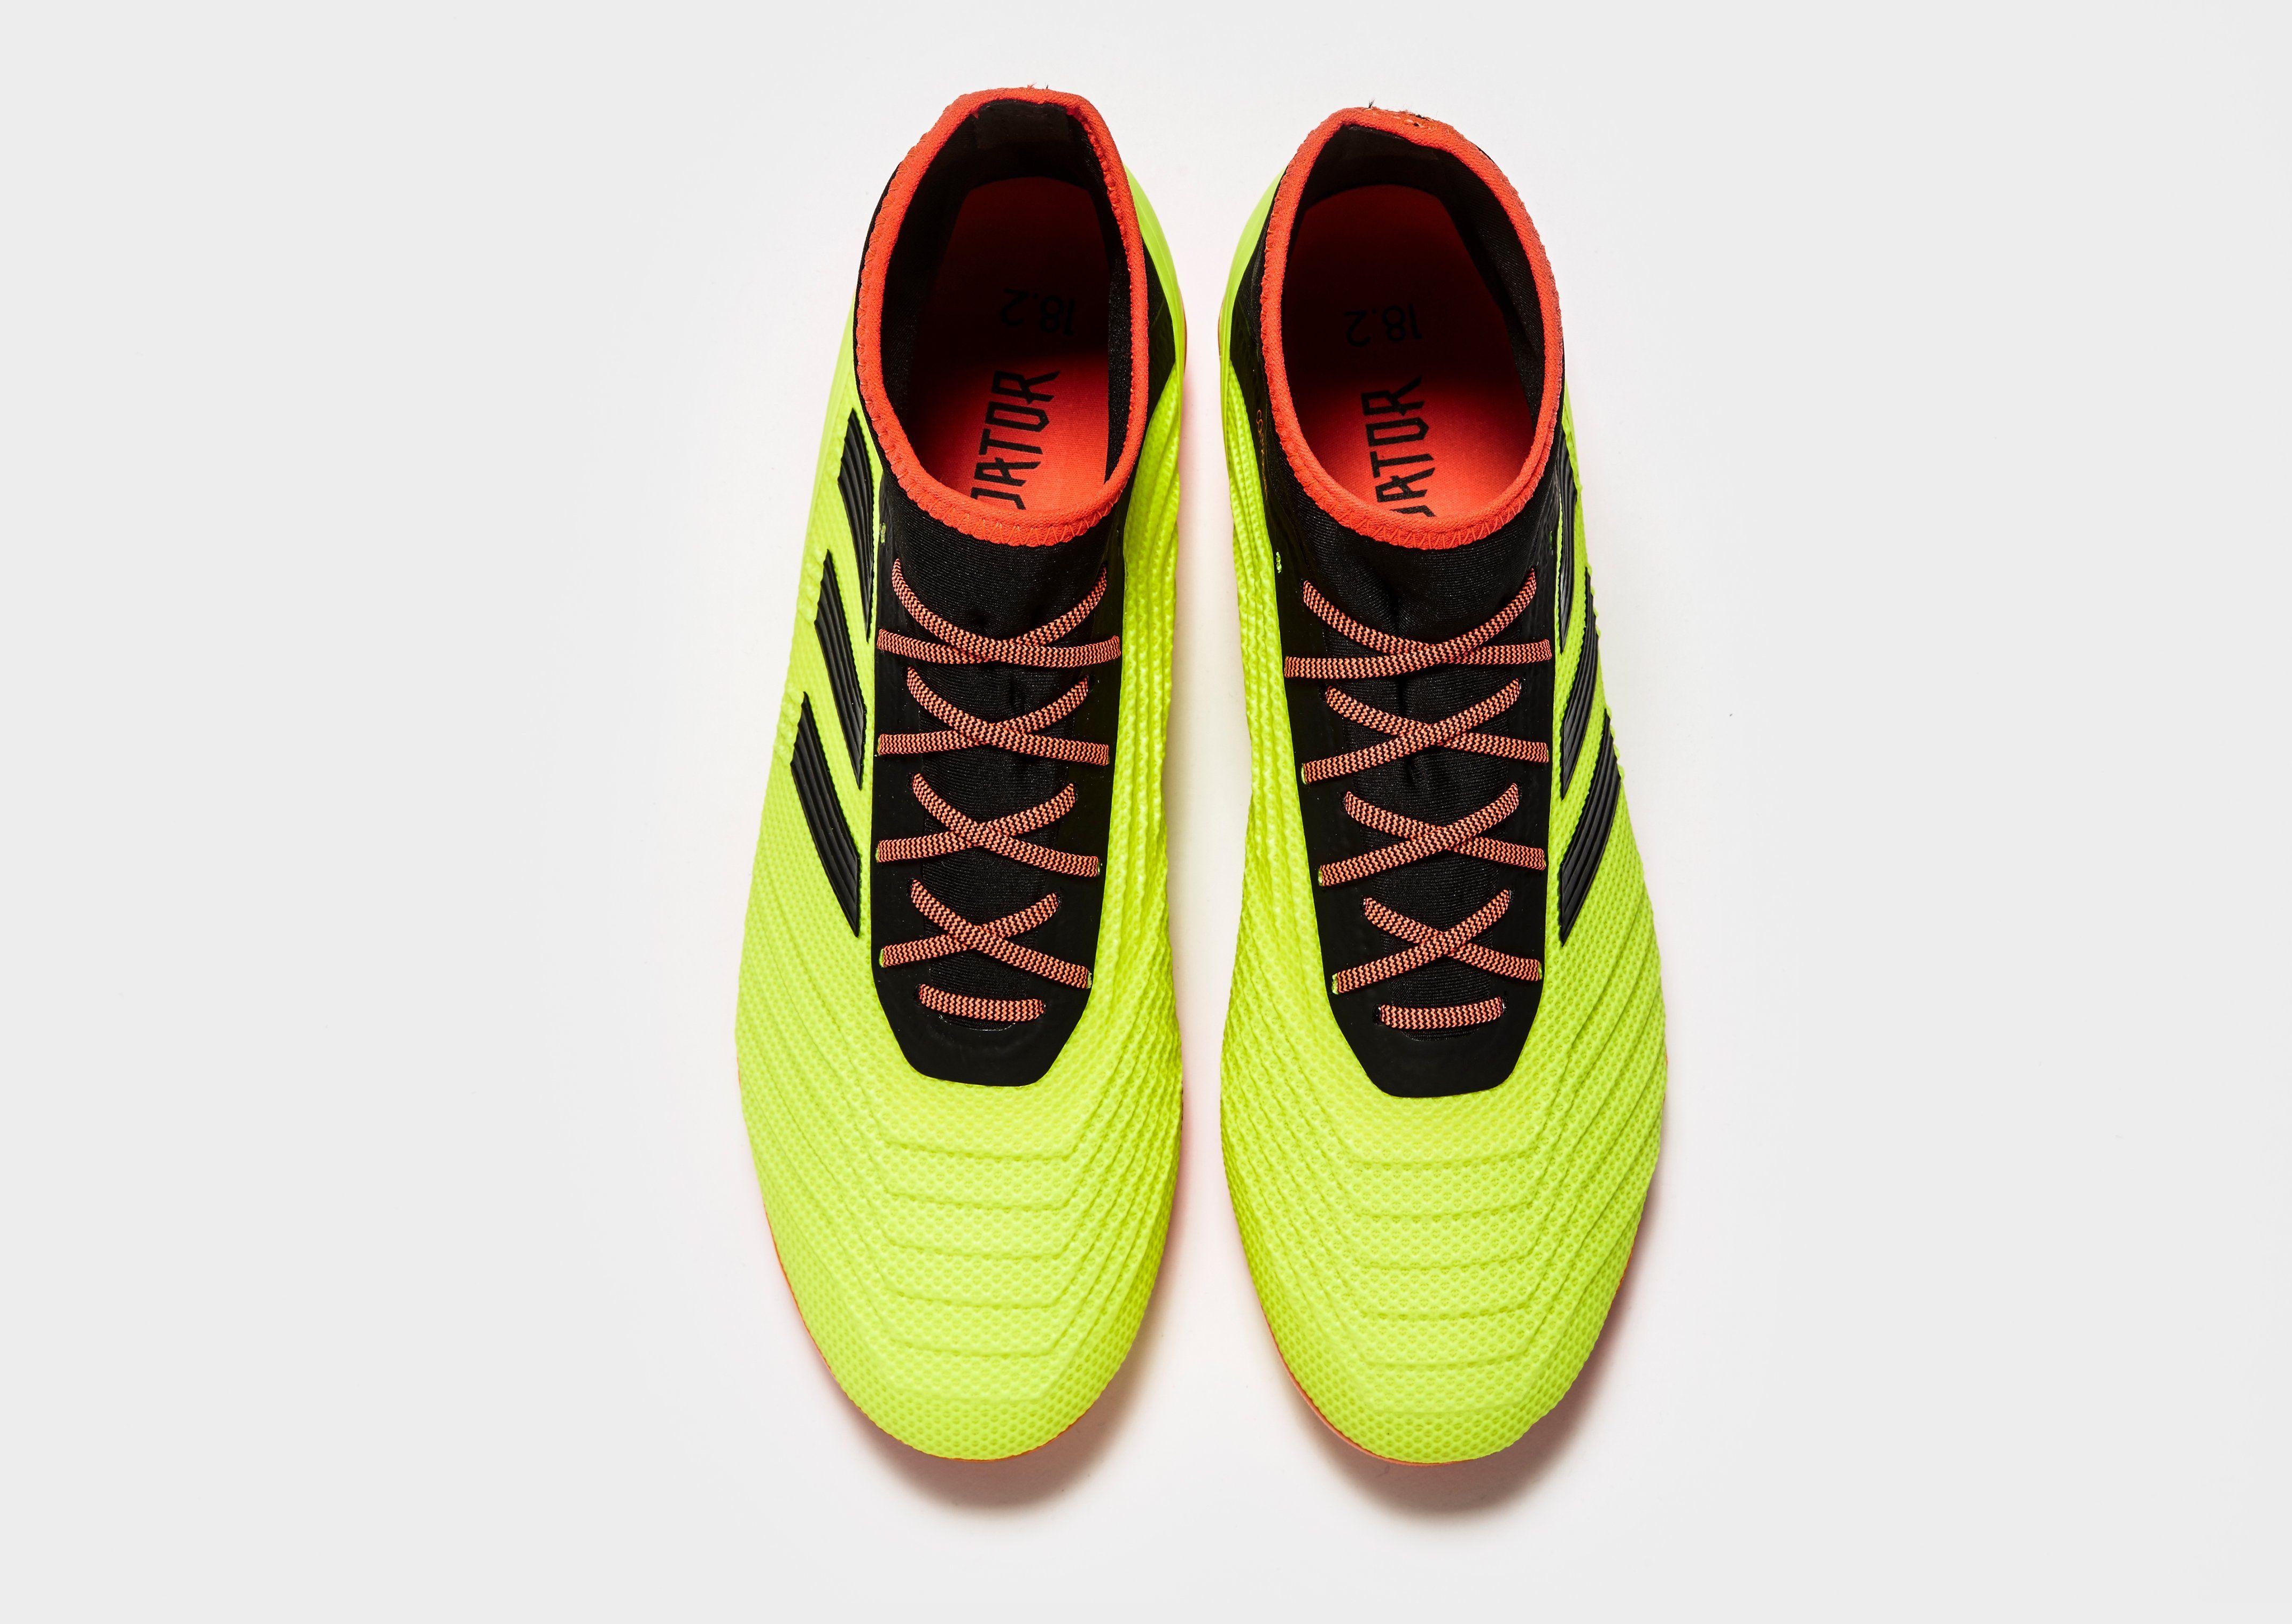 Billig Exklusiv Großer Verkauf Zum Verkauf adidas Energy Mode Predator 18.2 FG Gelb Empfehlen Billig Erhalten Authentisch Günstigen Preis t7THAPu